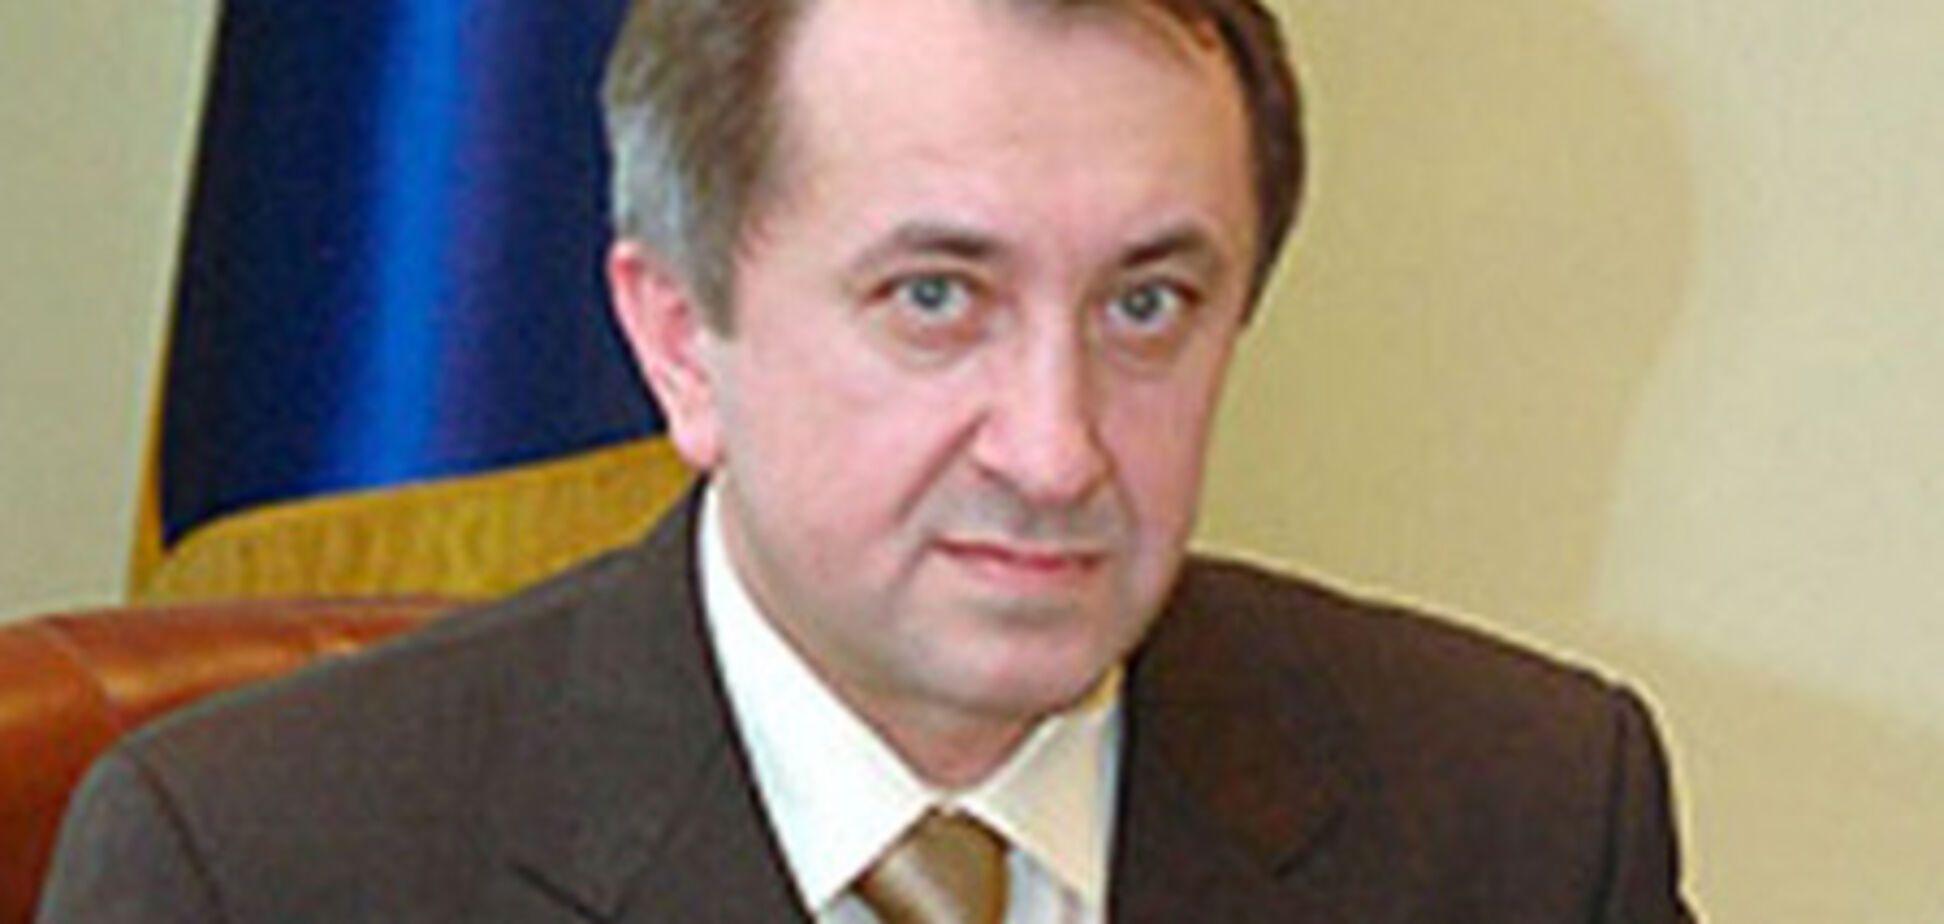 Від рішення Чехії в шоку навіть сам Данилишин